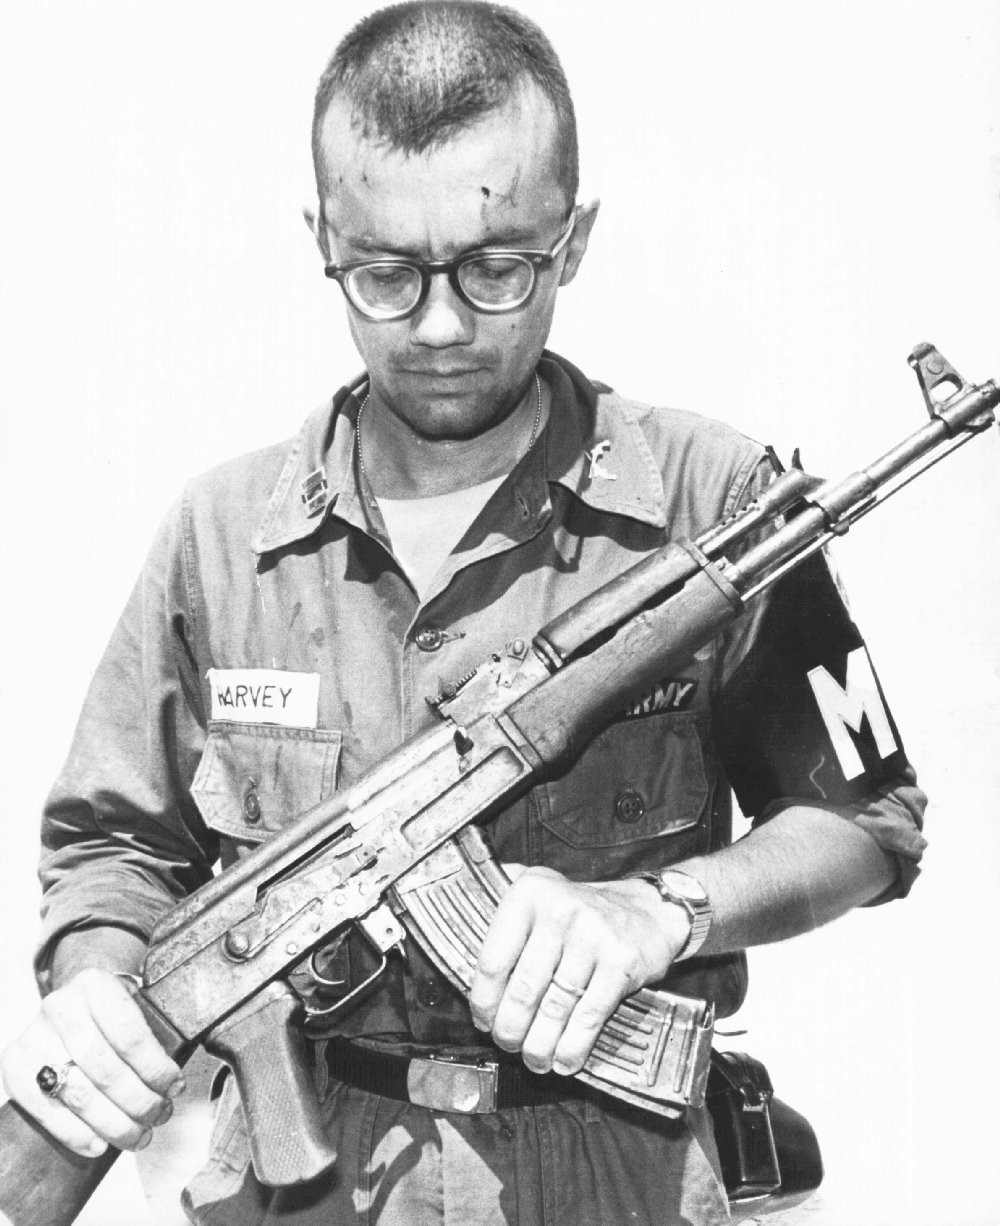 Capitán Michael Harvey, del Ejército de EE UU, inspecciona un AK-47. Vietnam, 1968.